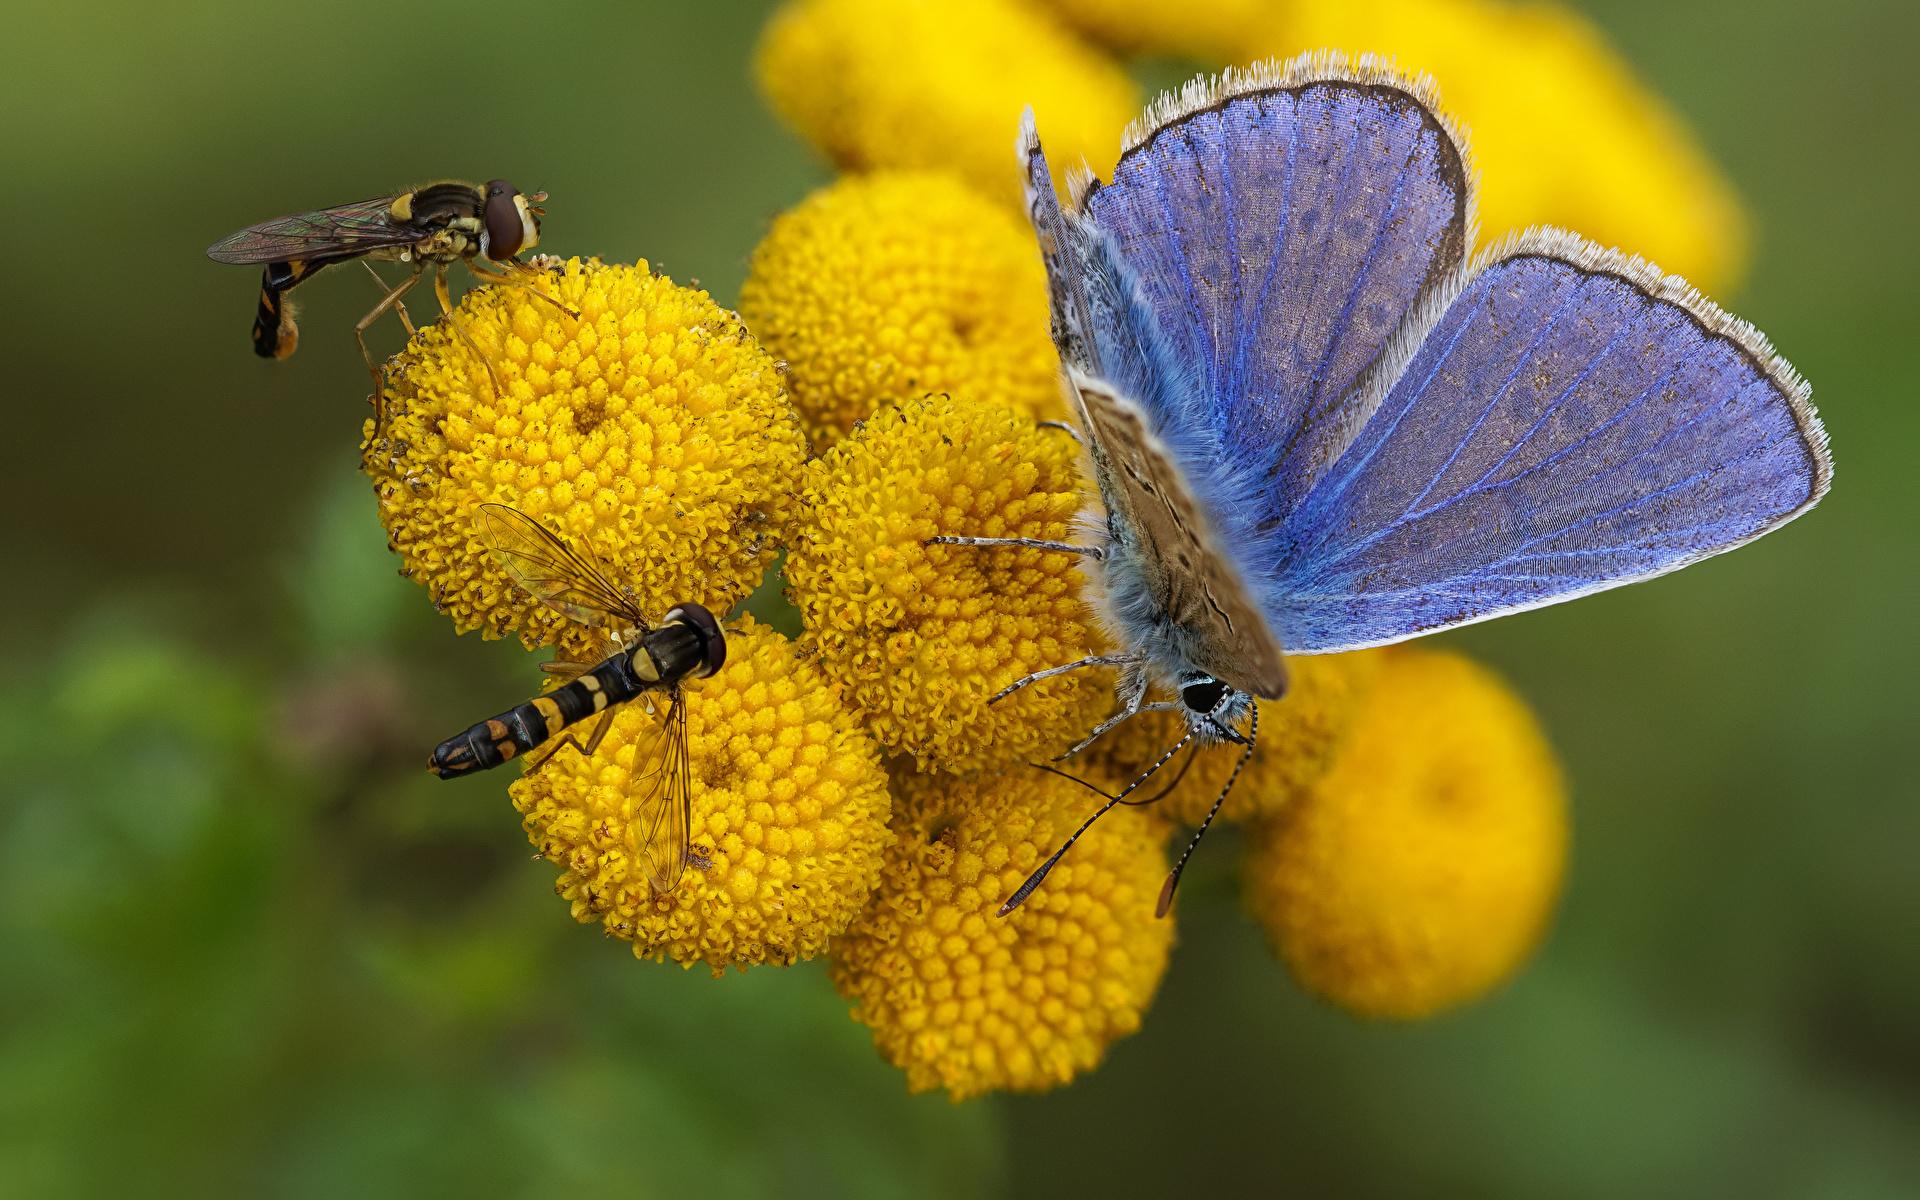 Обои для рабочего стола Мухи Бабочки Насекомые syrphids, common blue Животные 1920x1200 бабочка насекомое животное